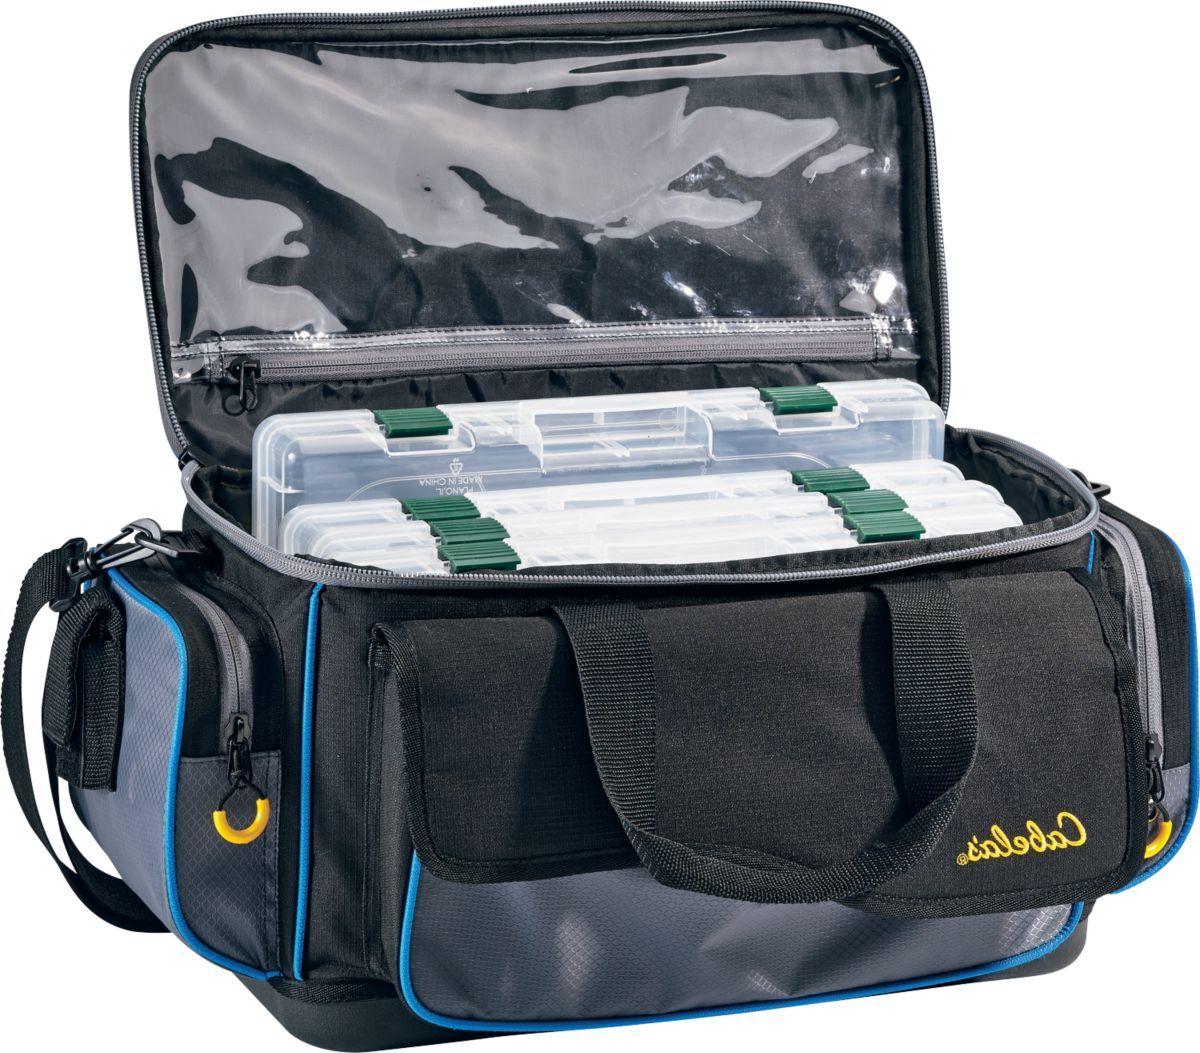 Cabela's Pro Guide® Tackle Bag